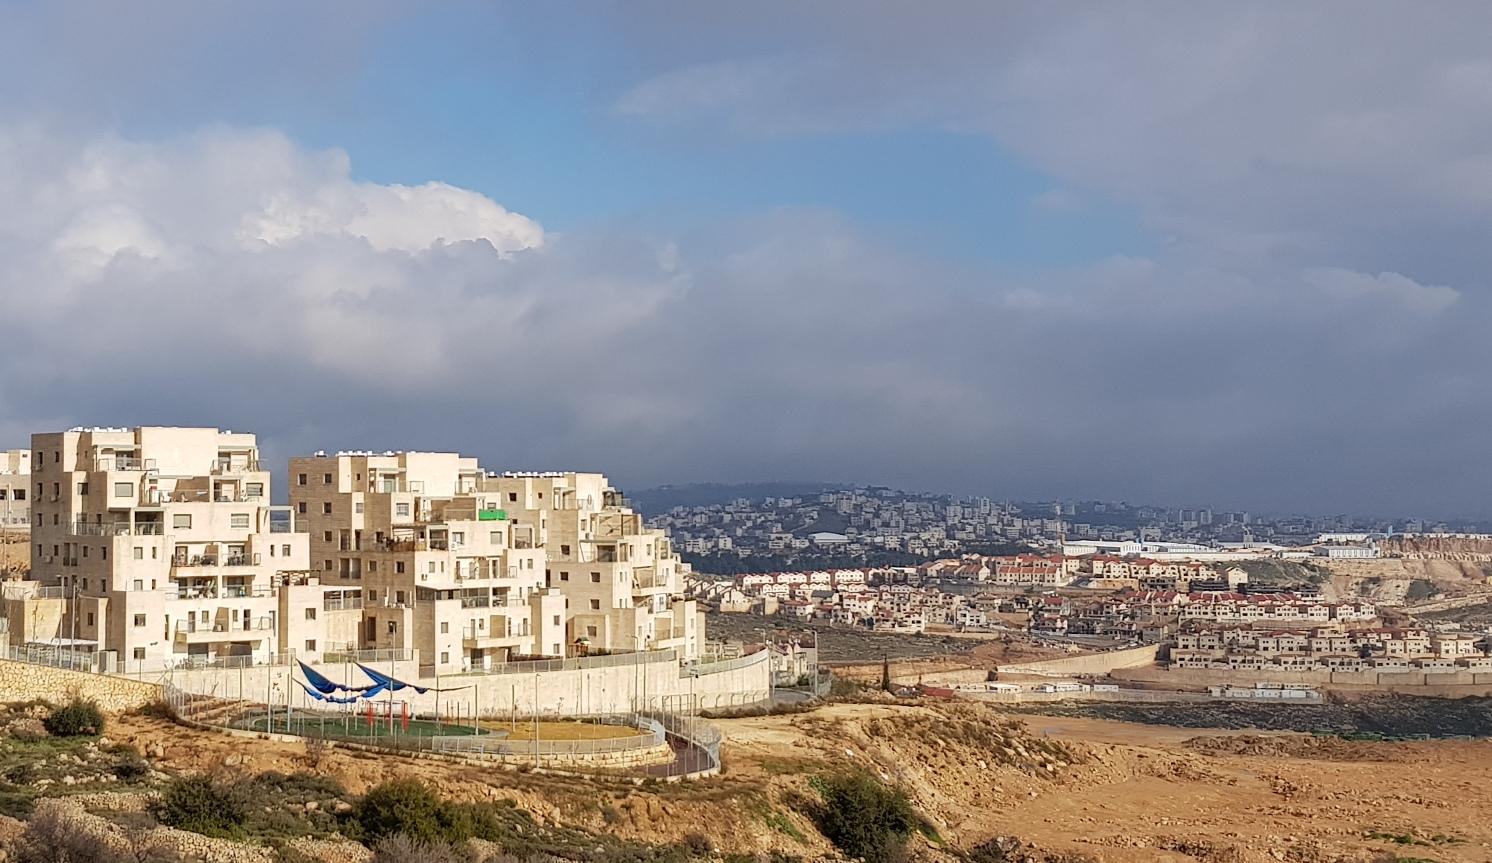 Ausbau der Siedlung Efrat, auf den Hügeln am Horizont die Häuser von Bethlehem; Foto © EAPPI